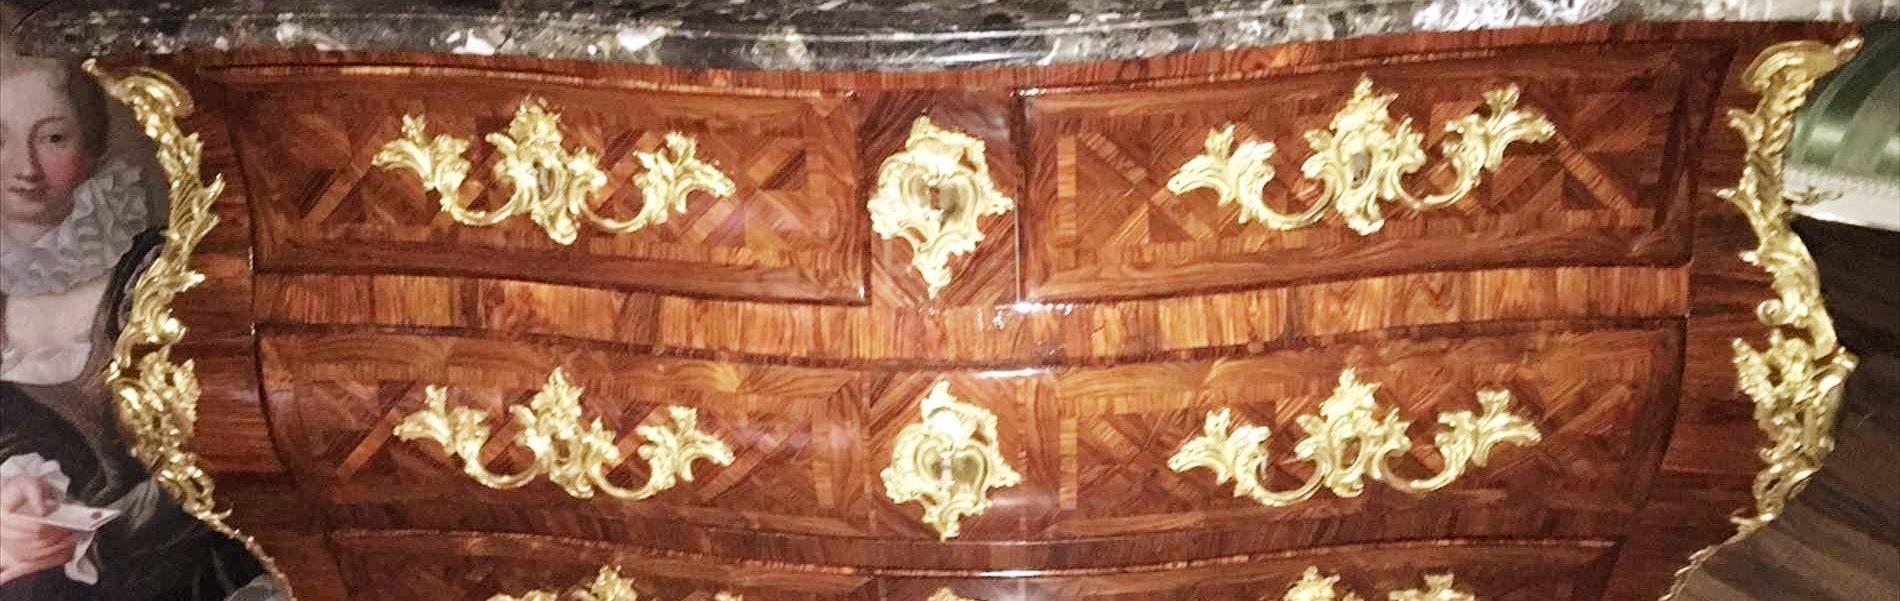 18世紀アンティーク家具